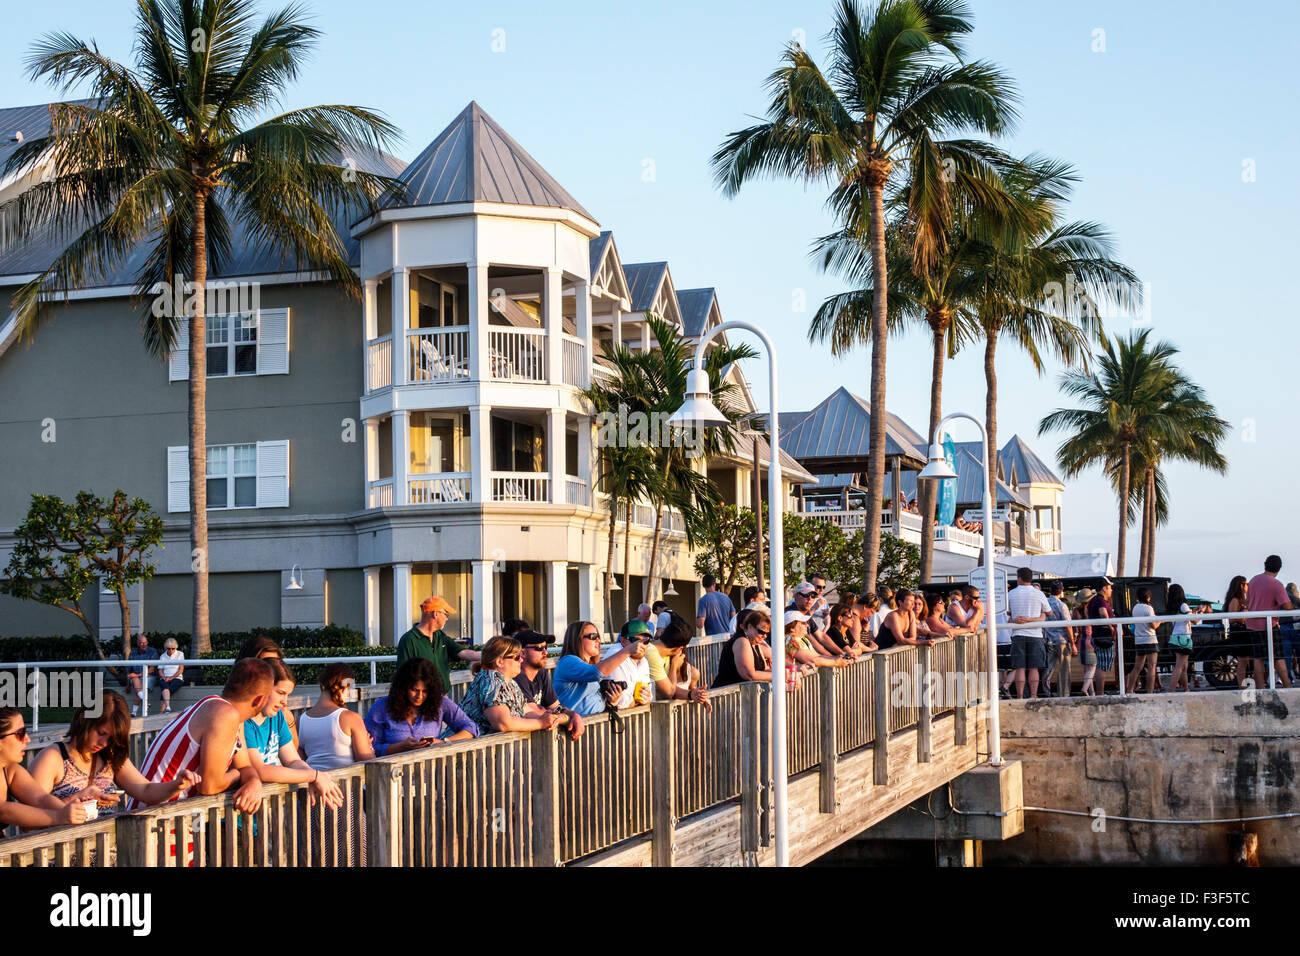 Celebration Hotel Celebration Florida